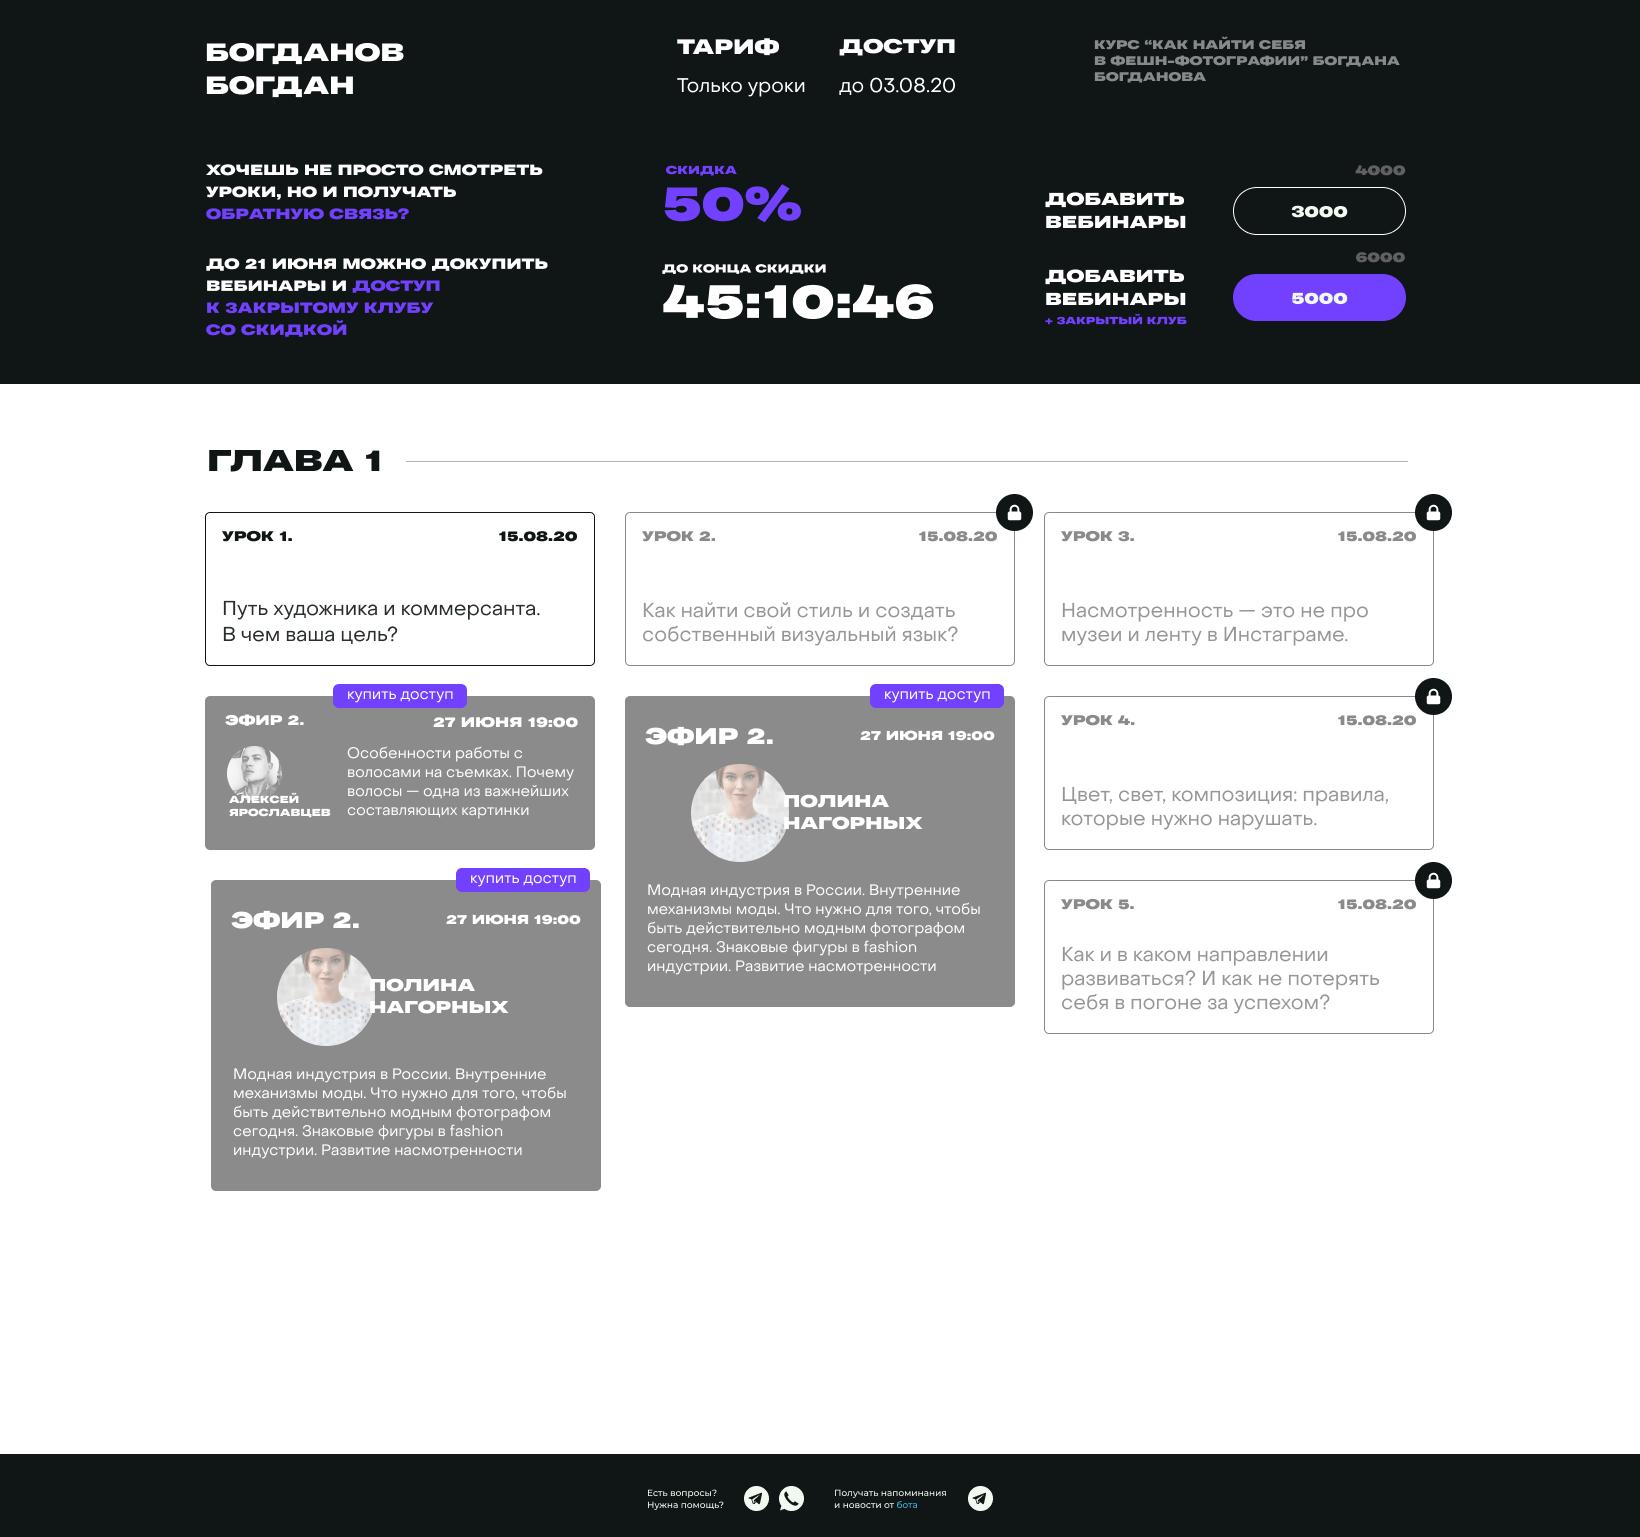 Дизайн личного кабинета для курса Богдана Богданова 16